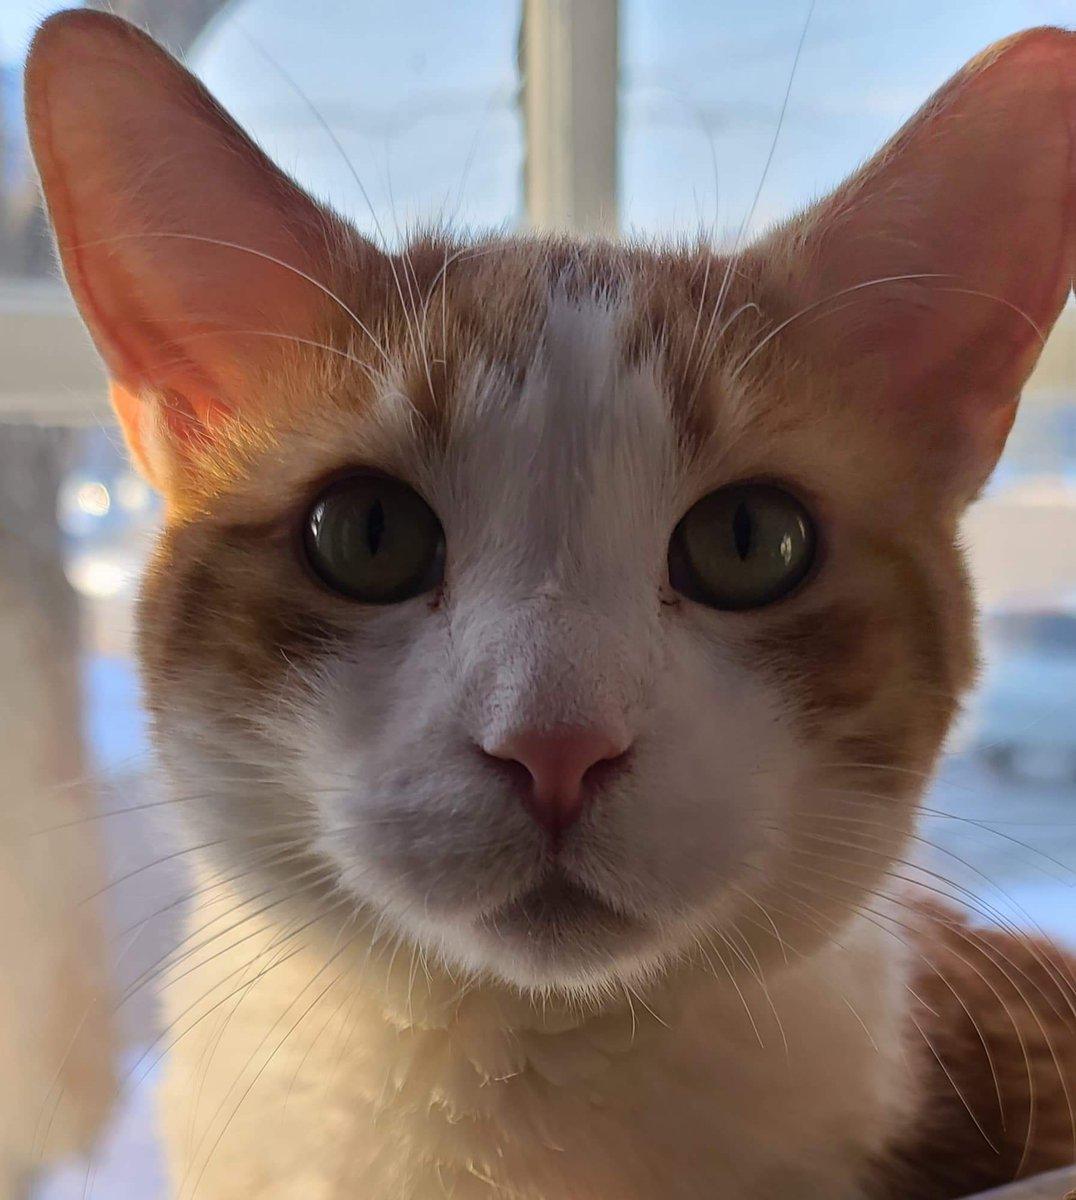 #Caturday Professor Professorson says Happy Caturday!